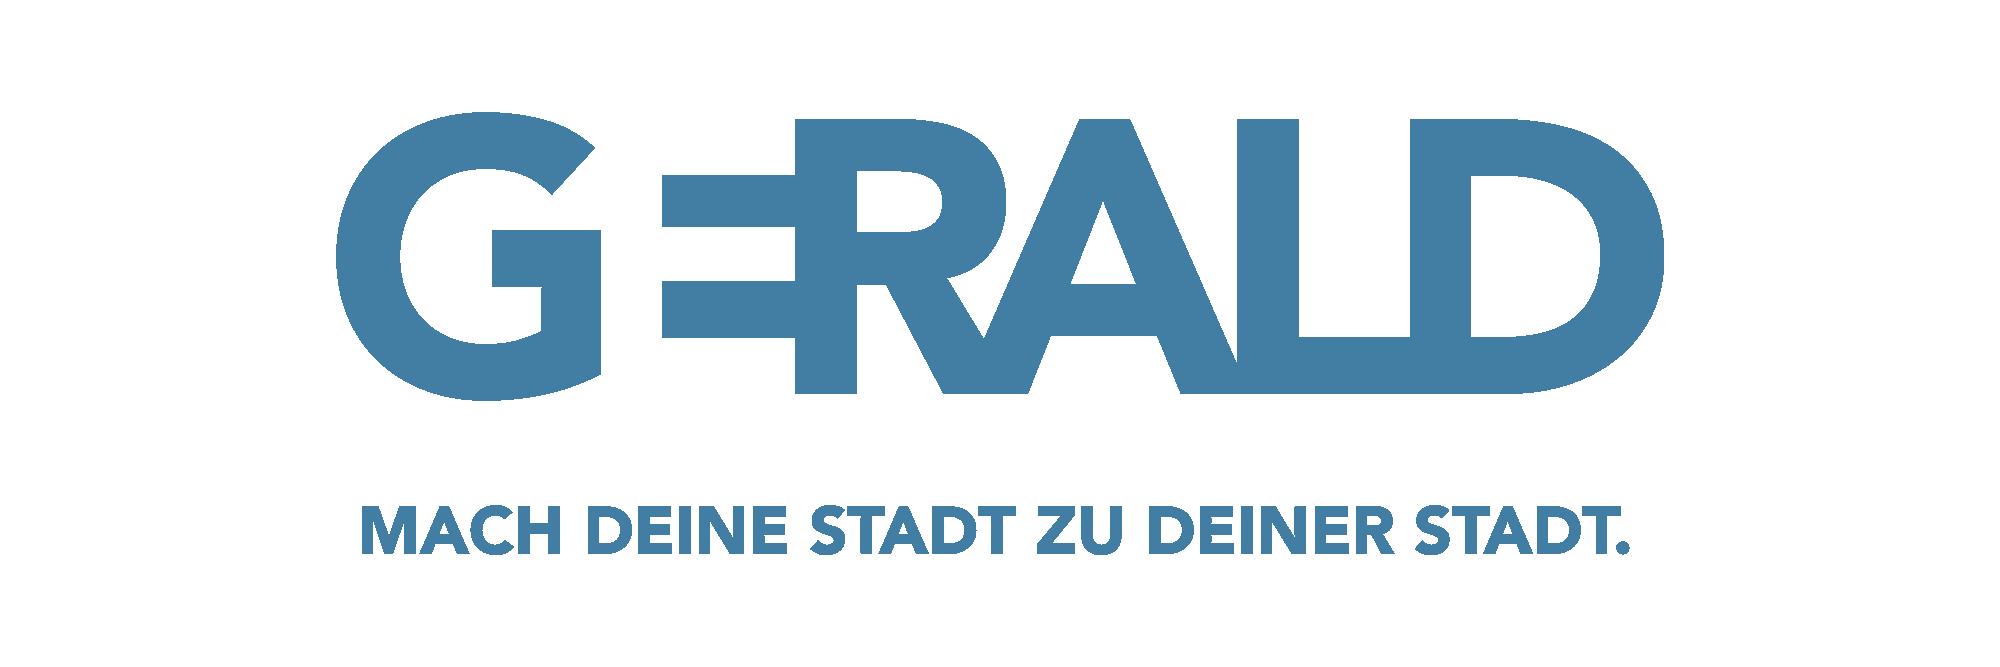 Das Logo der Kampagne GERALD mit dem Slogan: Mach deine Stadt zu deiner Stadt